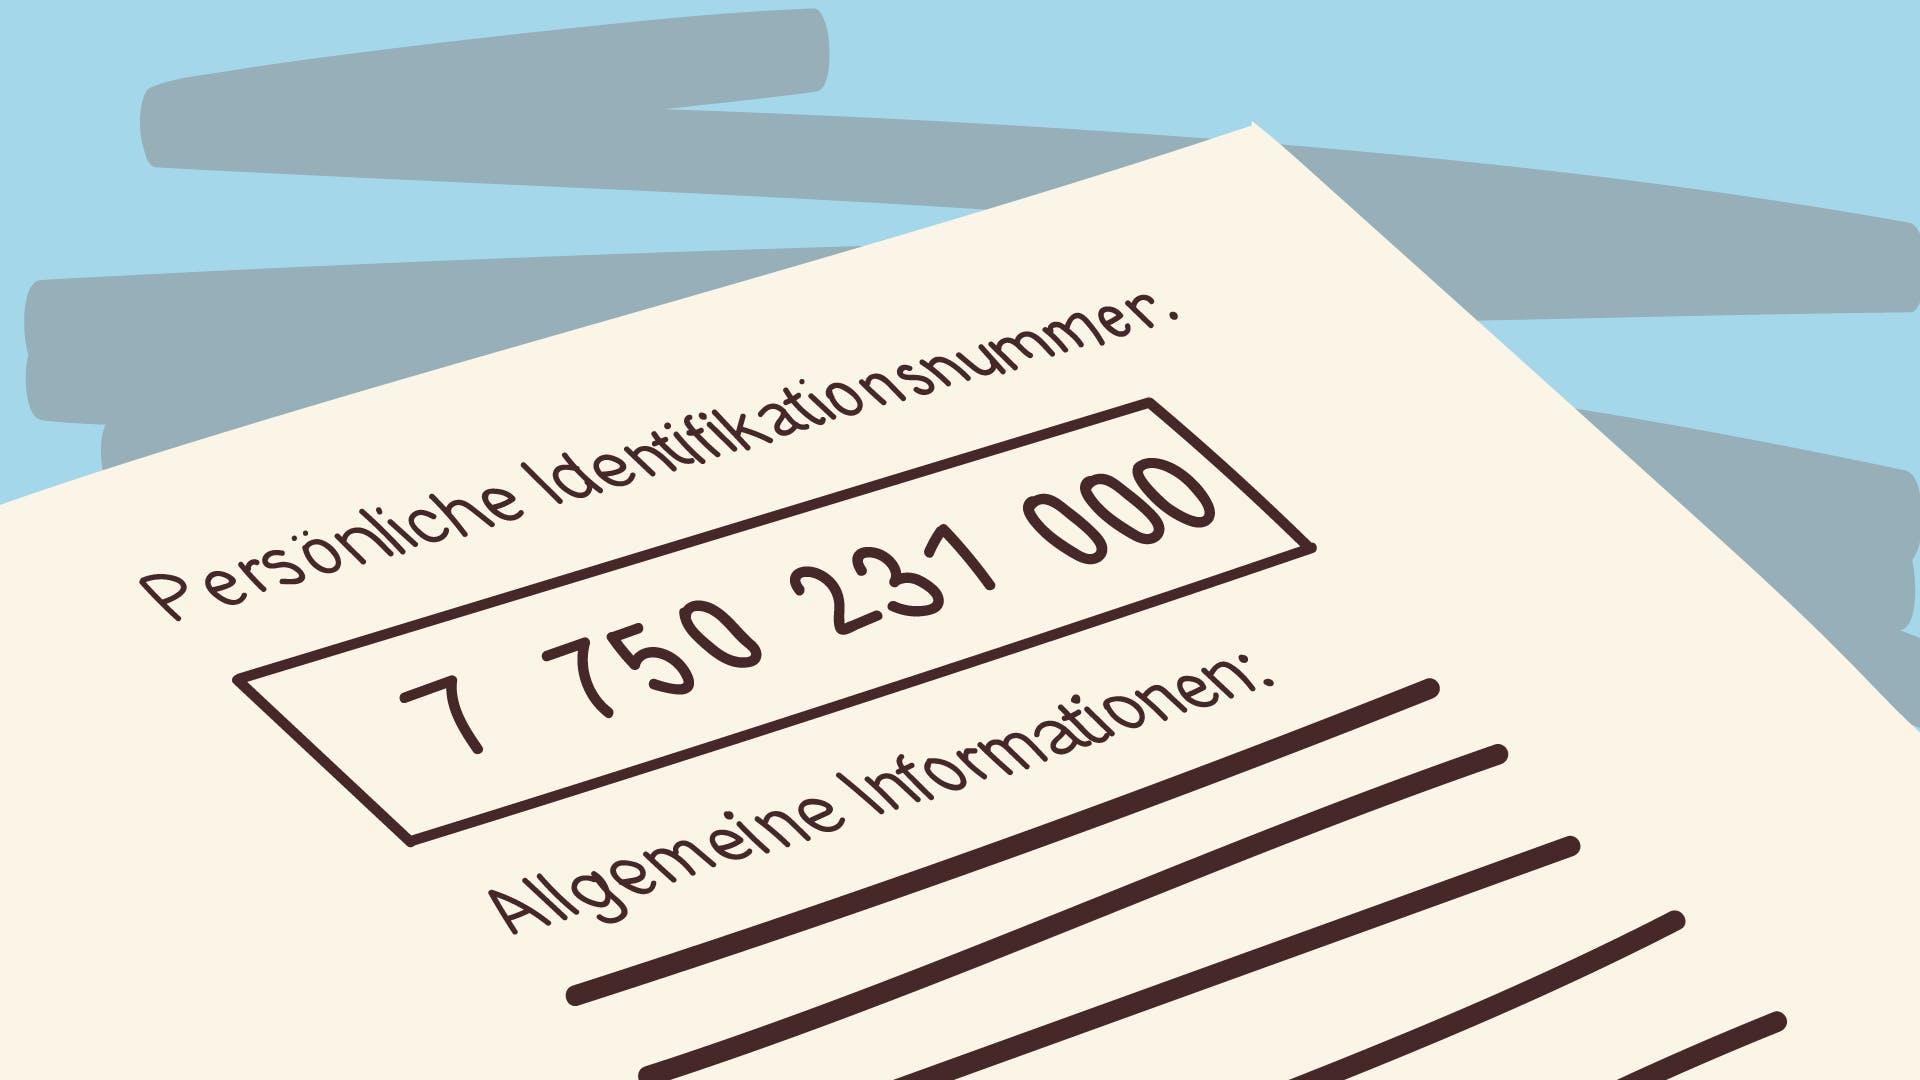 Persönliche Steueridentifikationsnummer des Finanzamts.